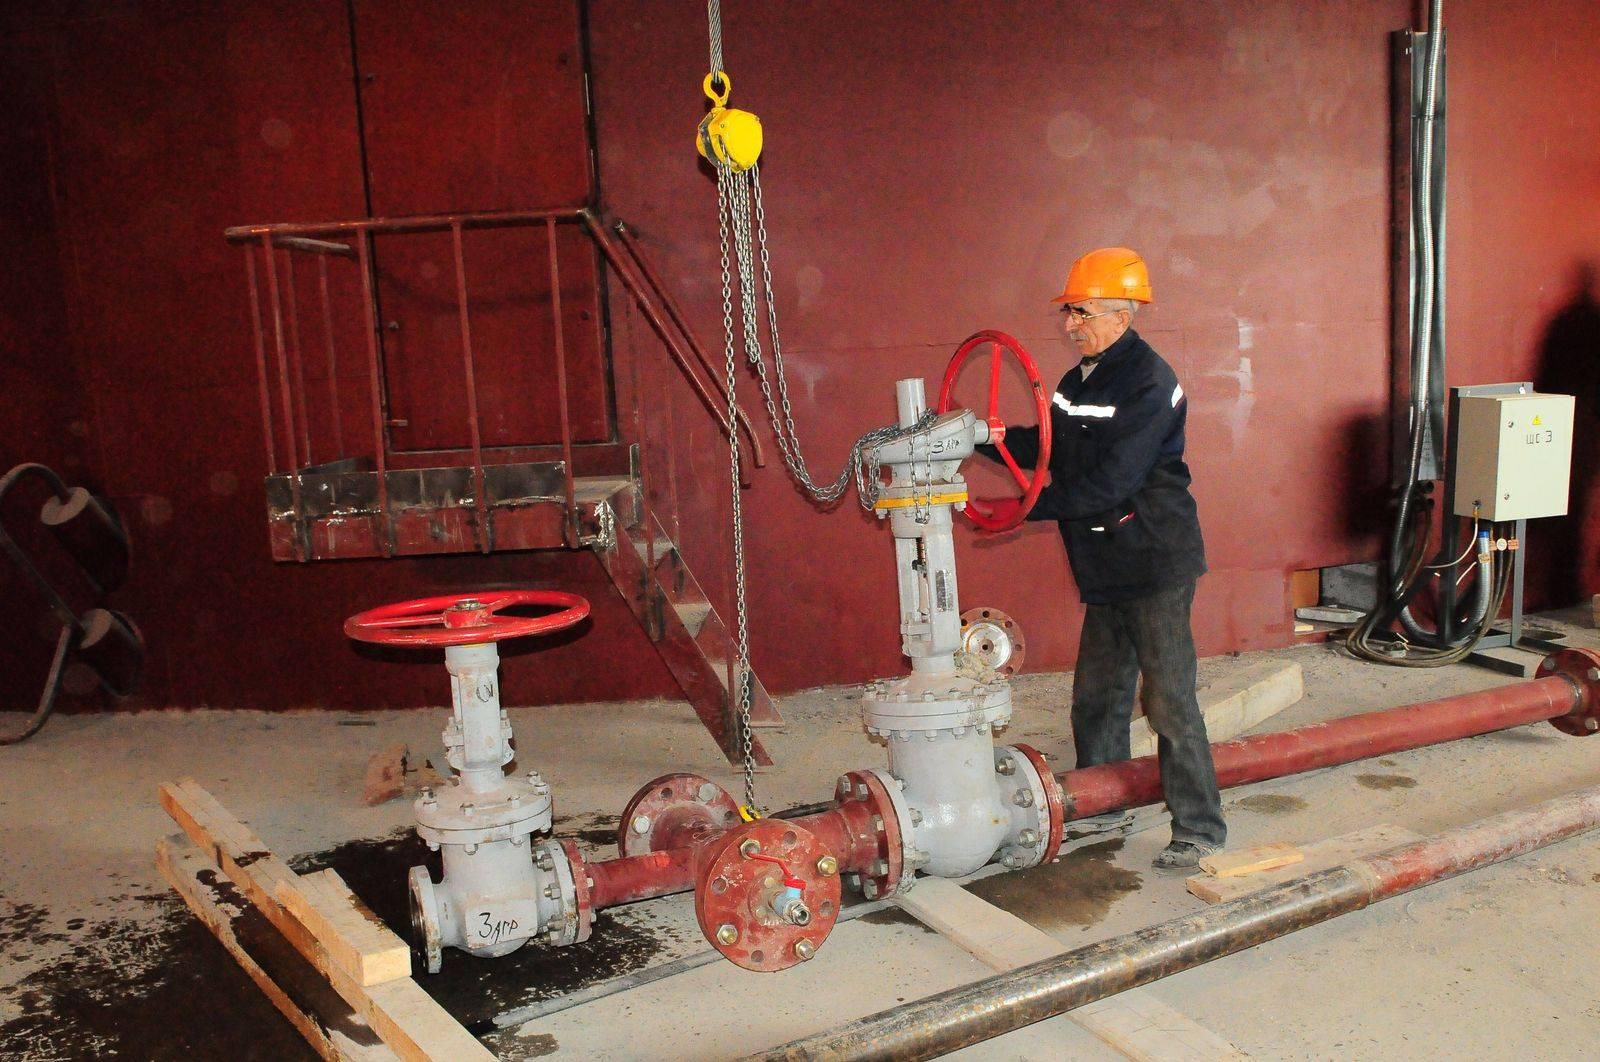 Опрессовка газопровода: как проводятся контрольные испытания на герметичность